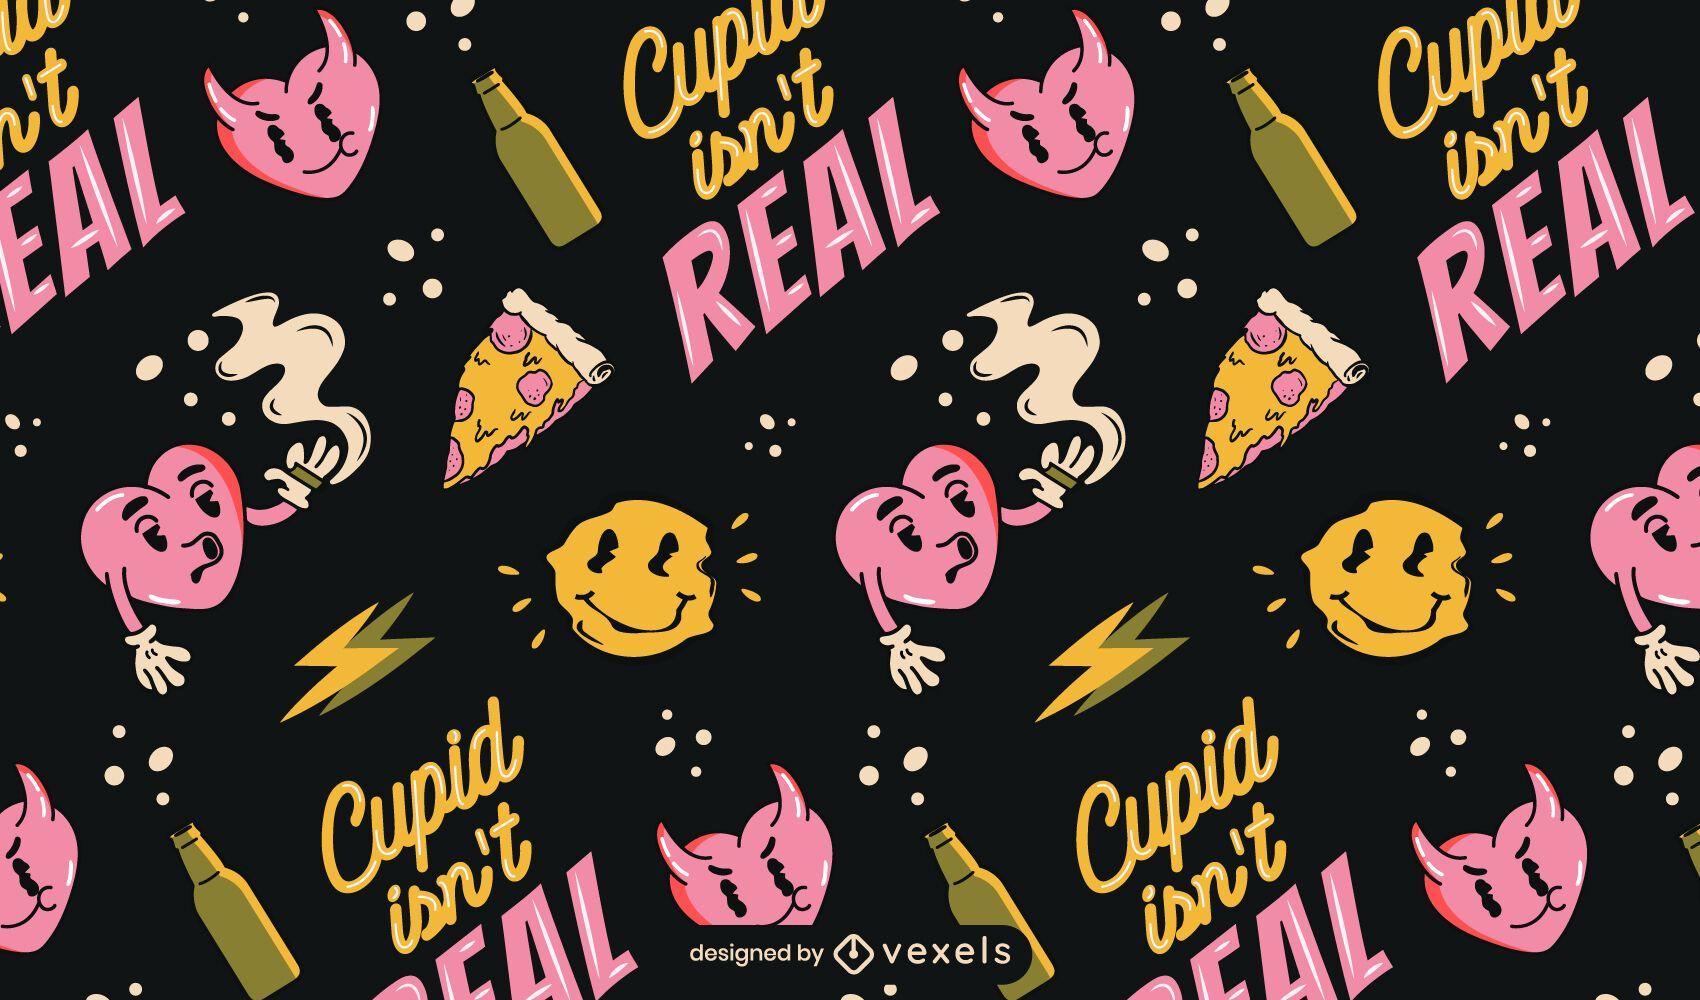 Cupido no es un diseño de patrón real